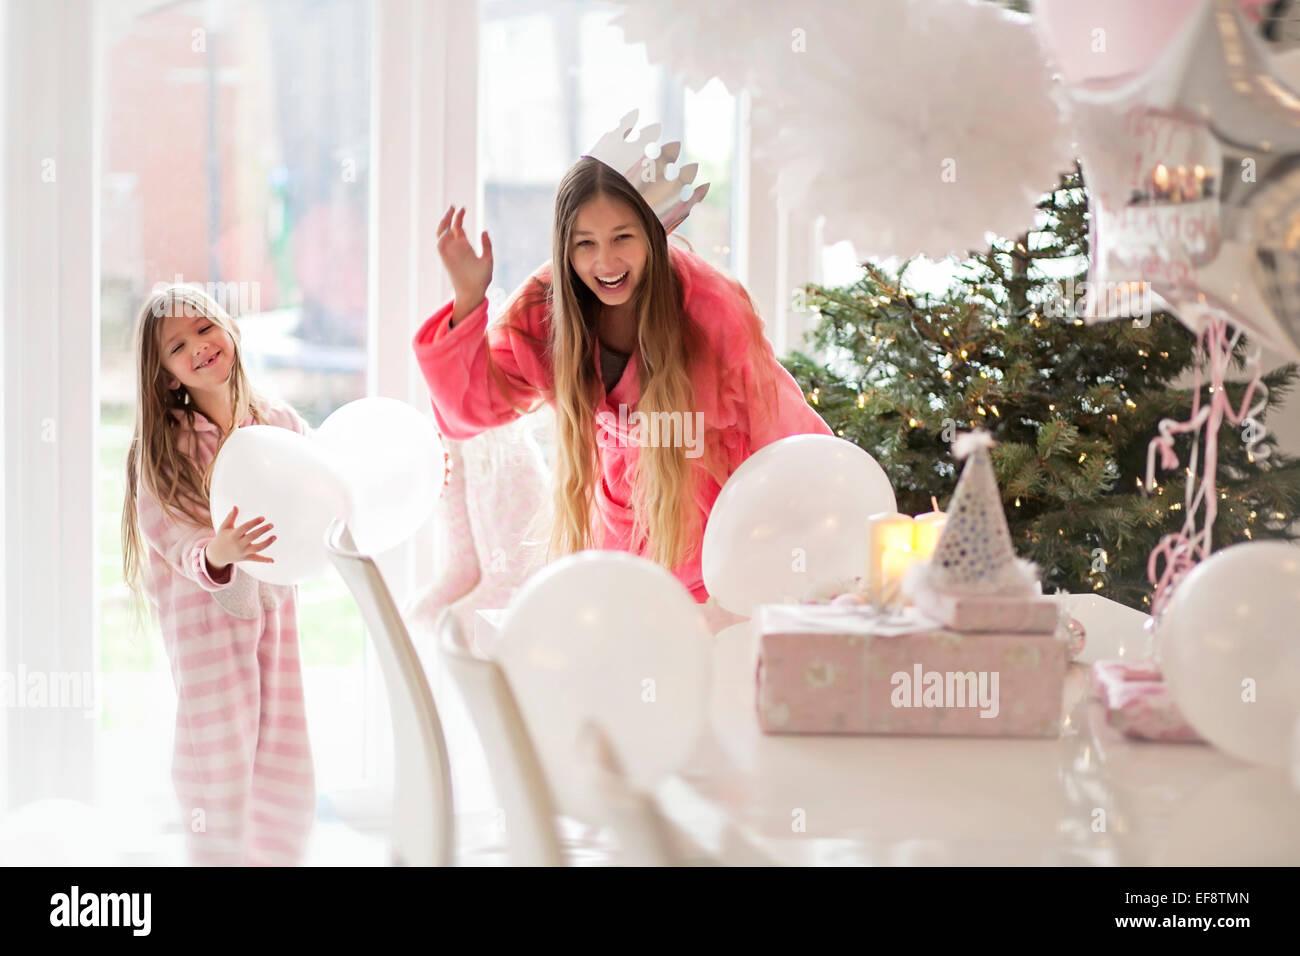 Due ragazze (4-5,14-15) giocando con palloncini da albero di Natale Immagini Stock